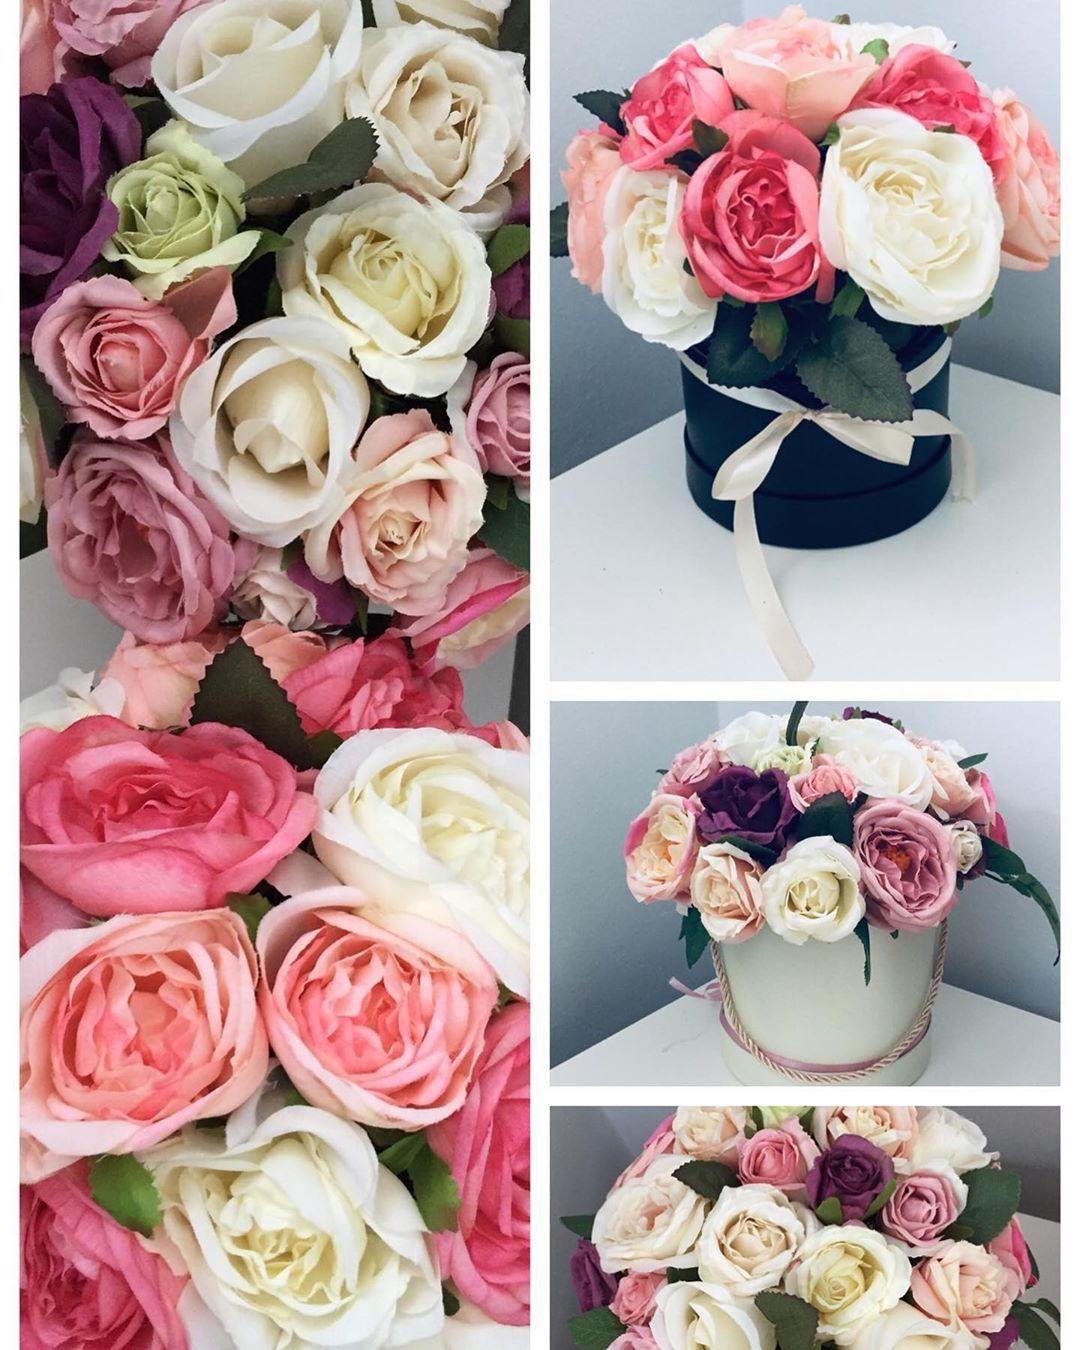 Pudelko Kwiatkow Na Urodziny Te Boksy To Swietna Alternatywa Dla Kwiatow Zywych Dosc Ze Ladnie Wygladaja To Jeszcze Nie Trzeba Ich Podl Rose Plants Flowers